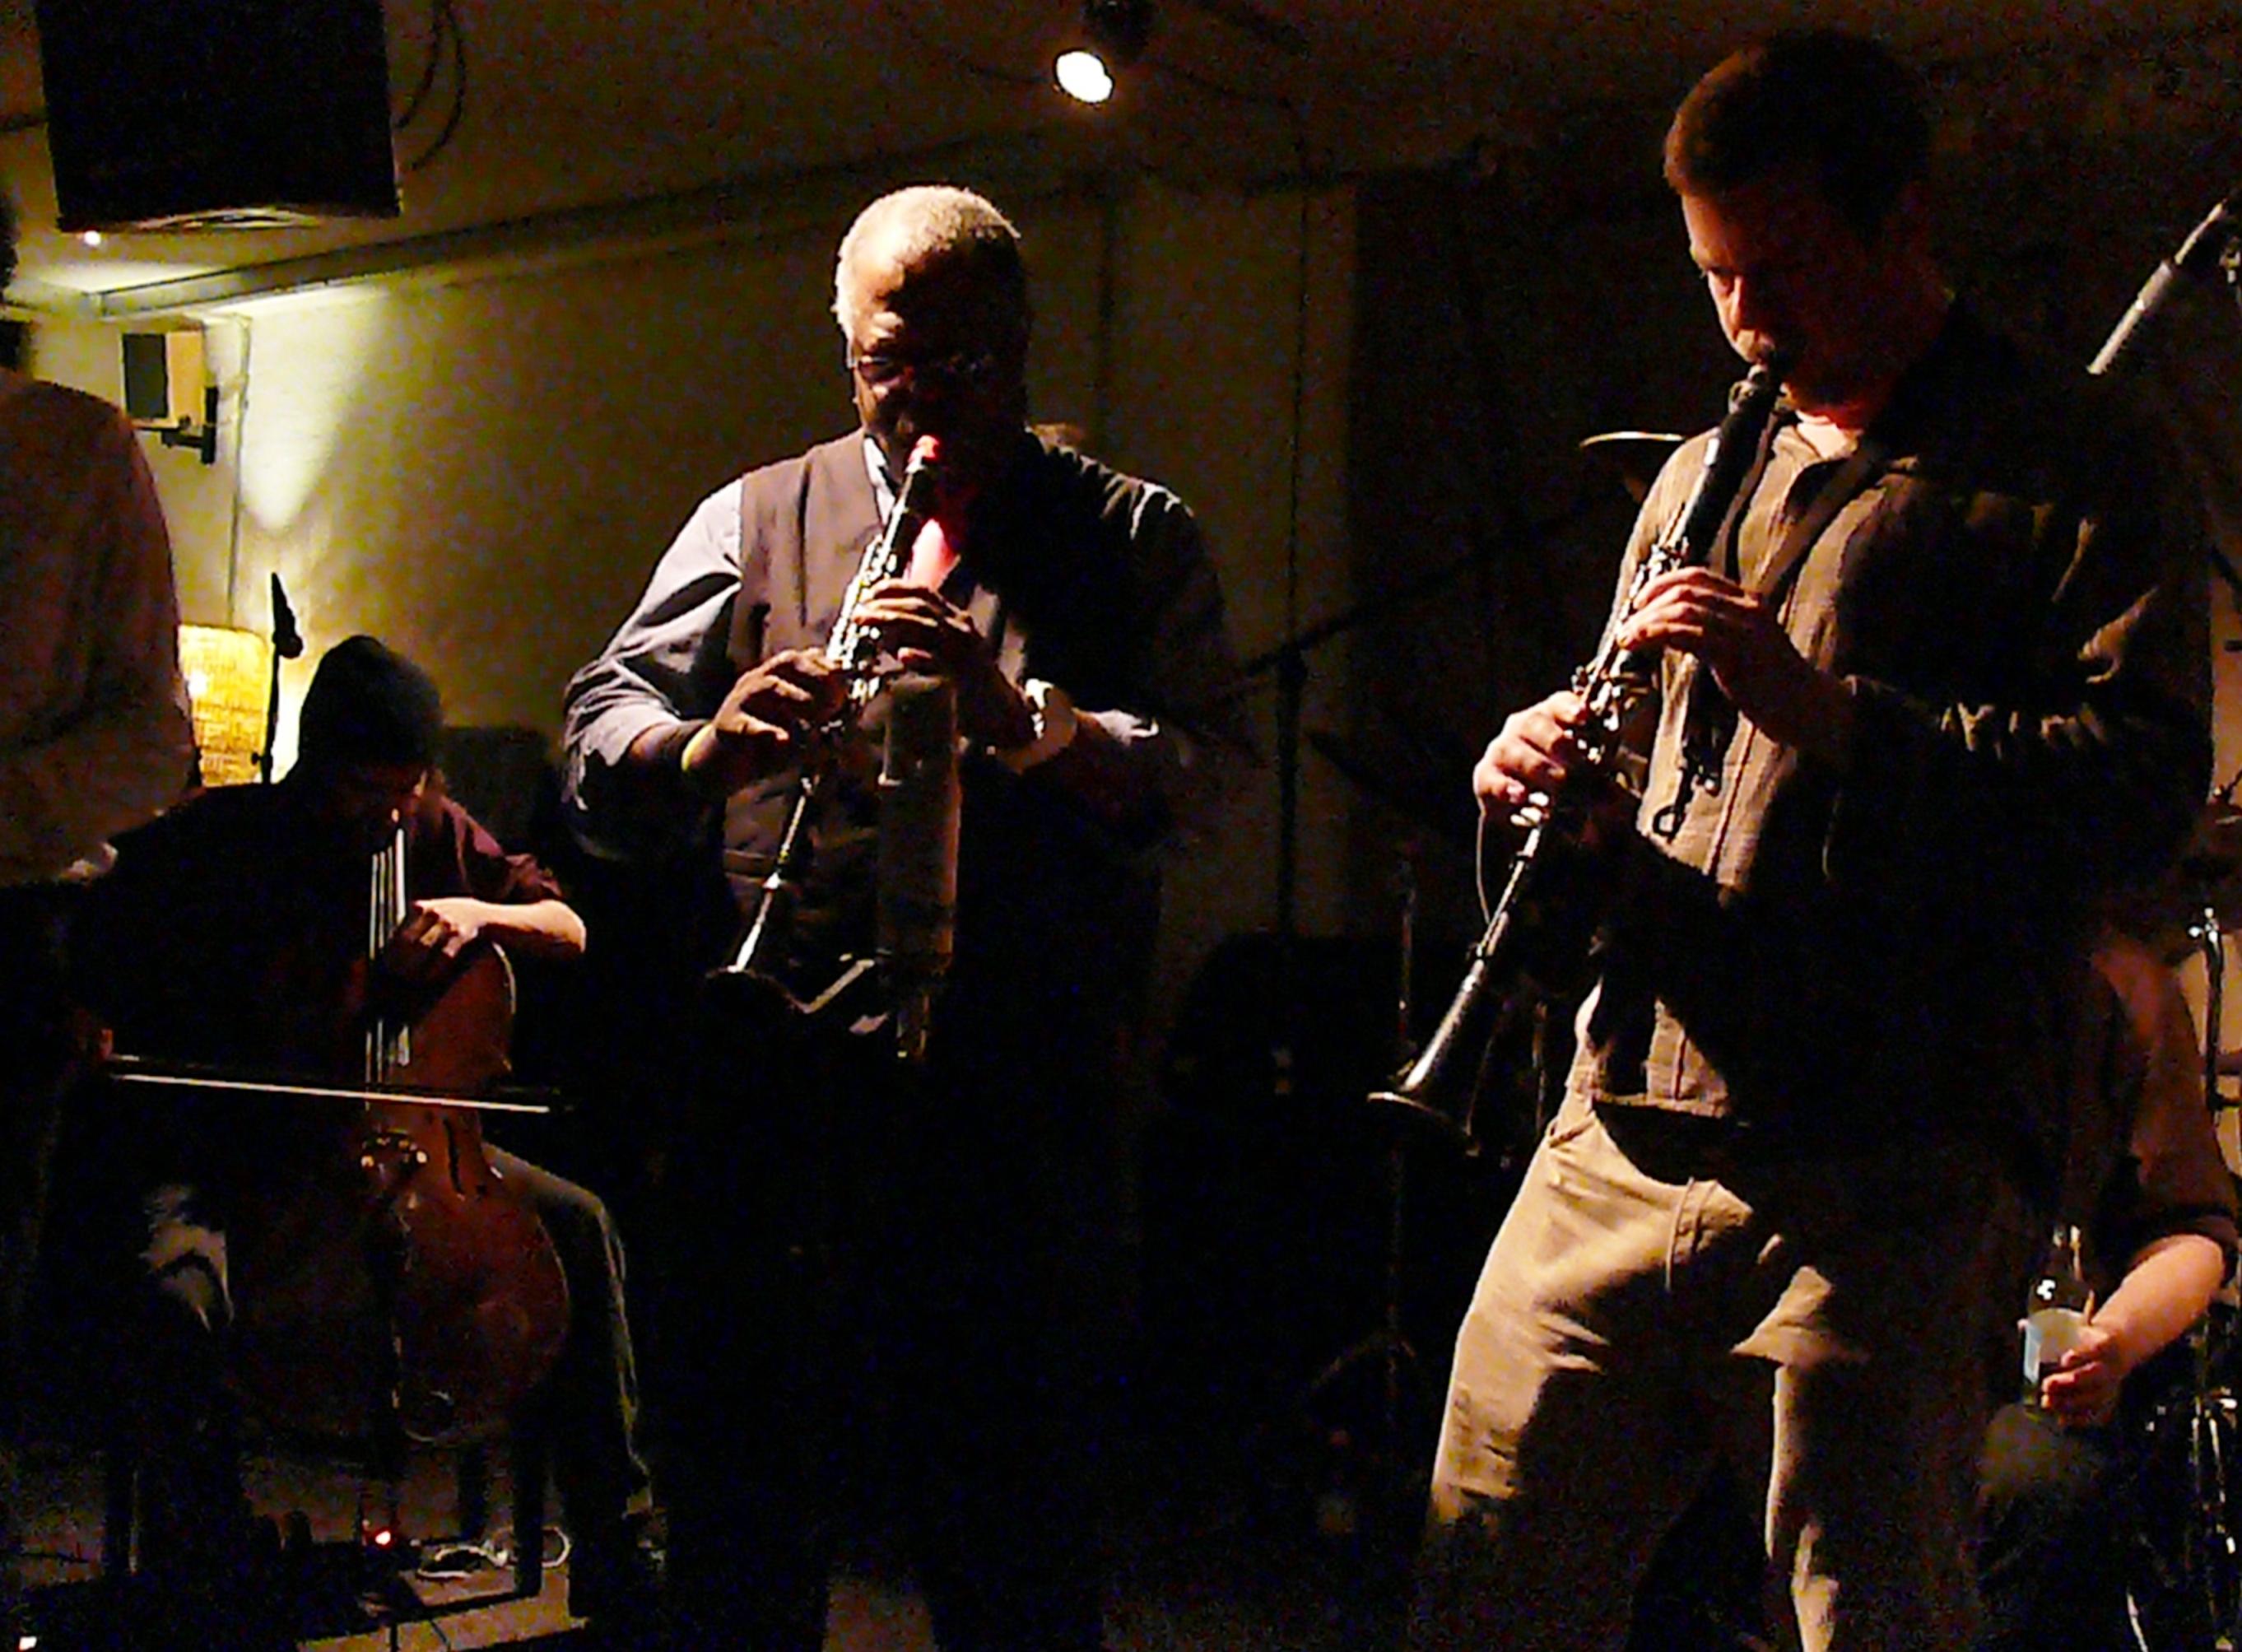 Joe McPhee and Ken Vandermark at Cafe Oto, London in November 2012